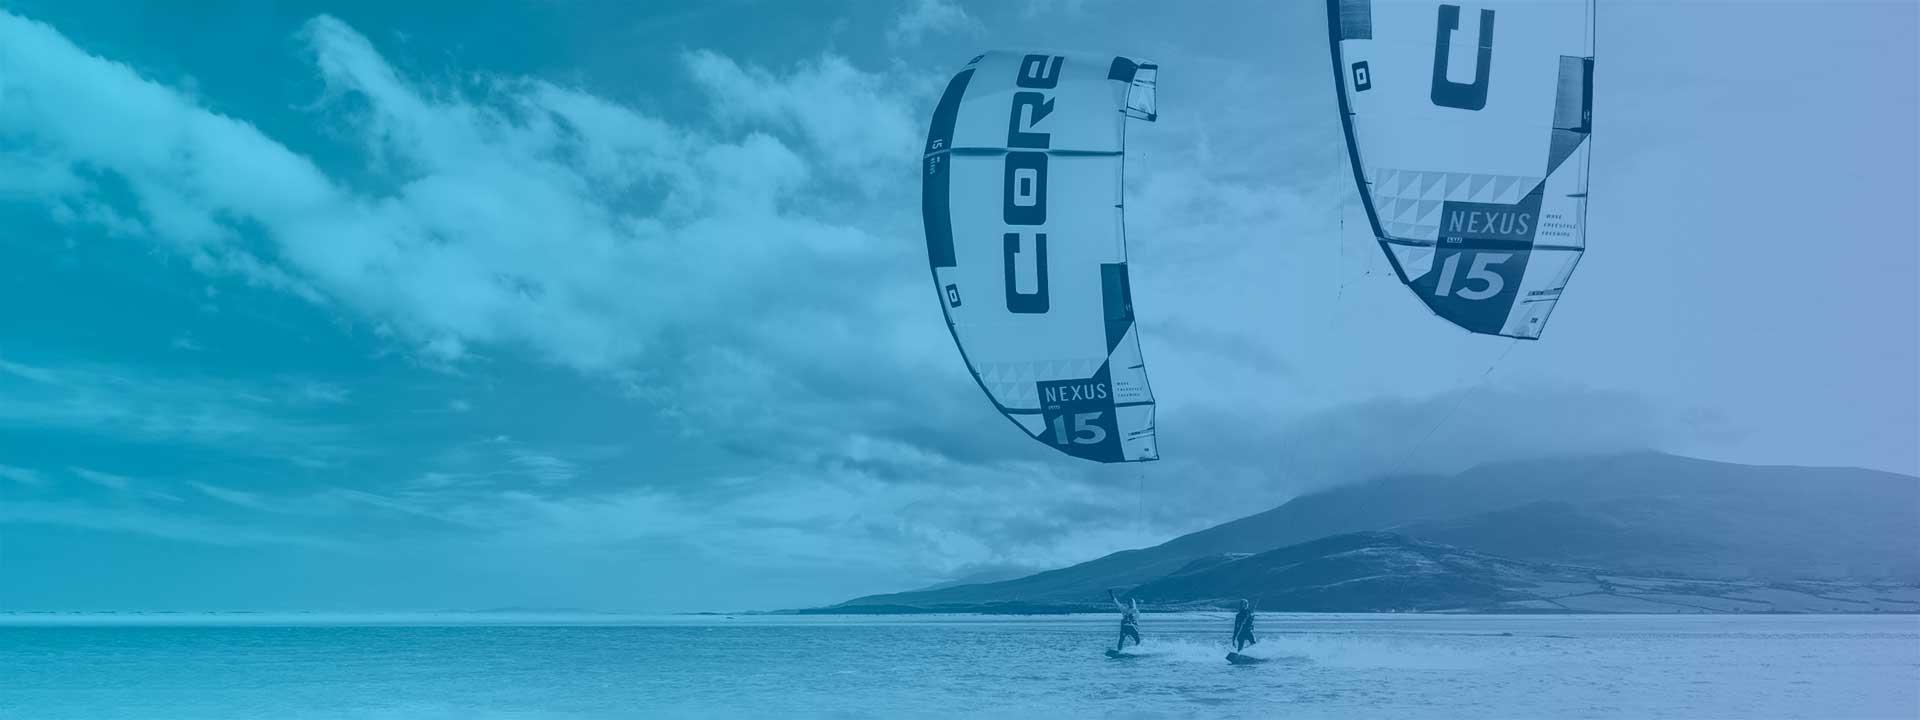 Noleggio attrezzatura kitesurf Stagnone Core